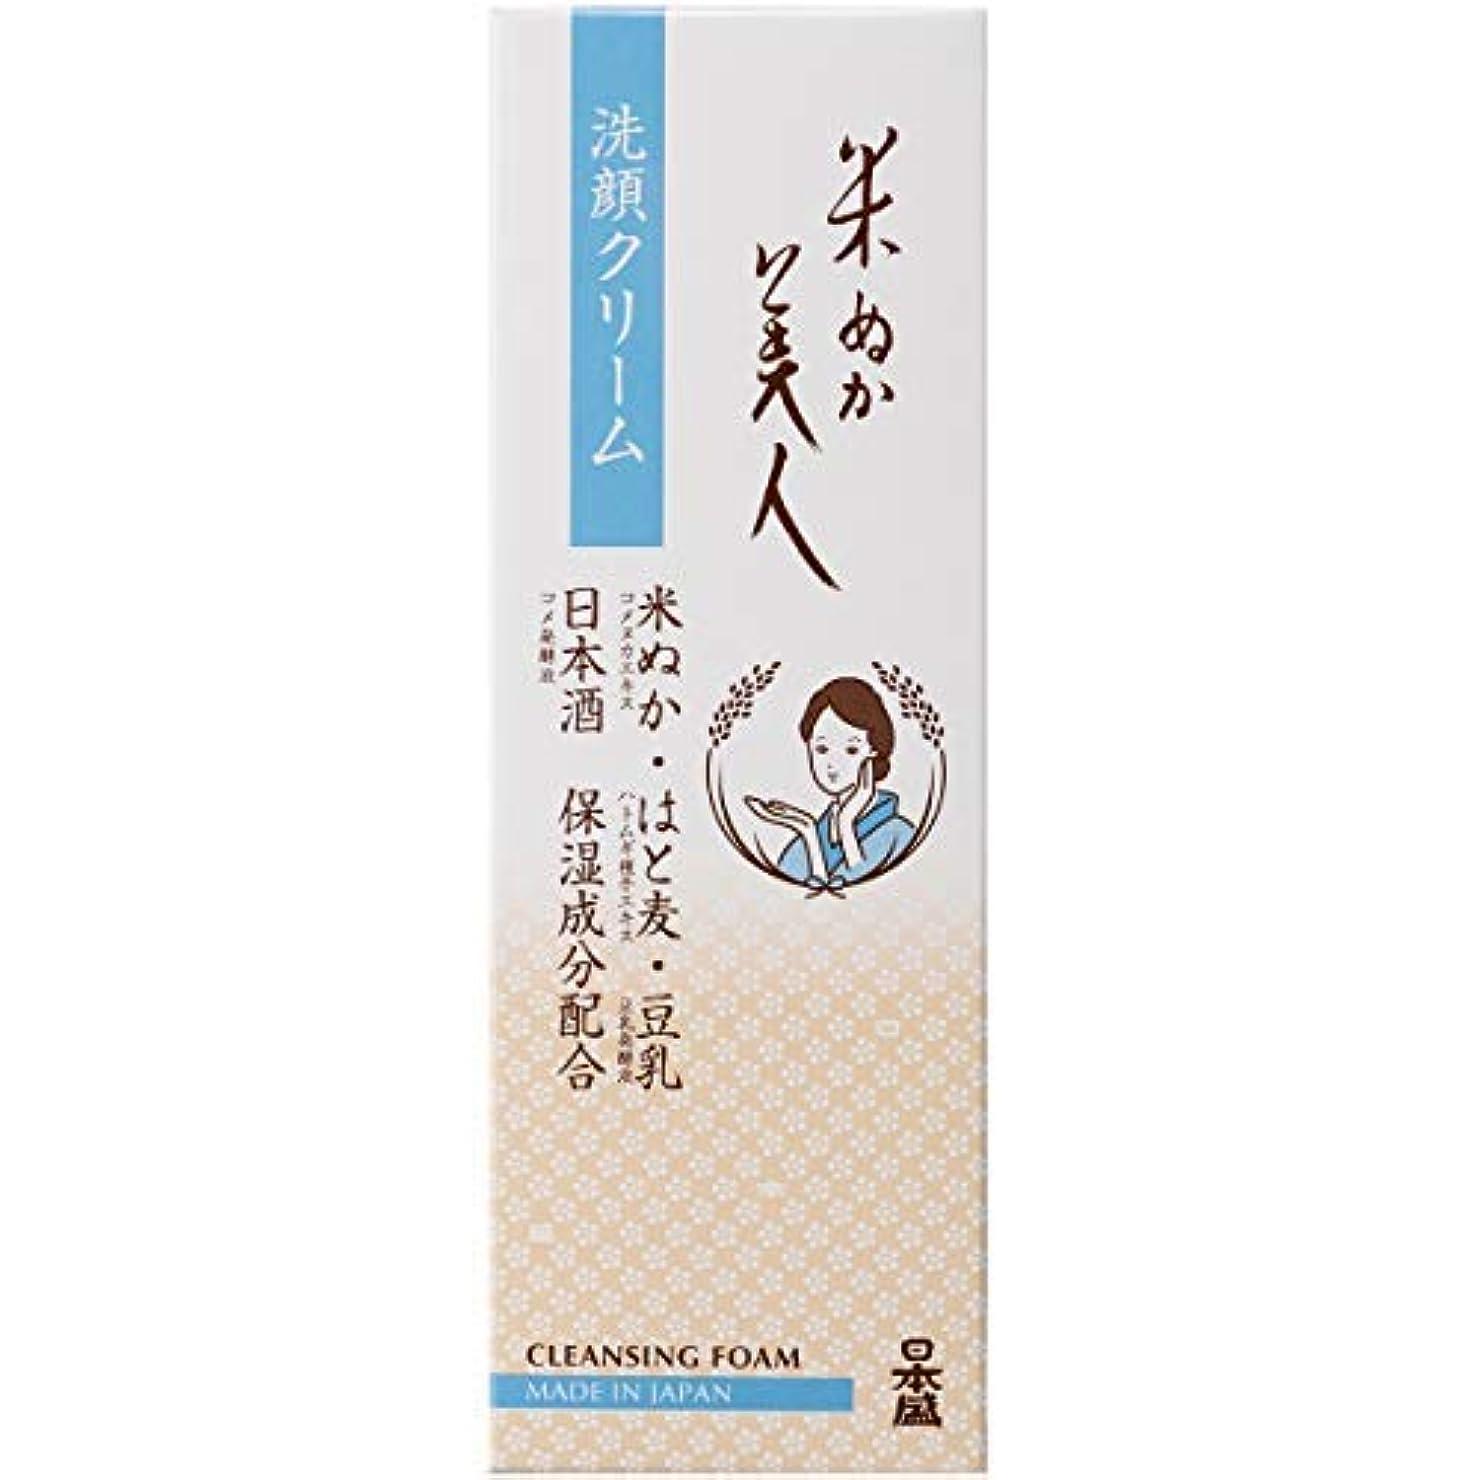 インストールメジャーコメント米ぬか美人 洗顔クリーム × 9個セット